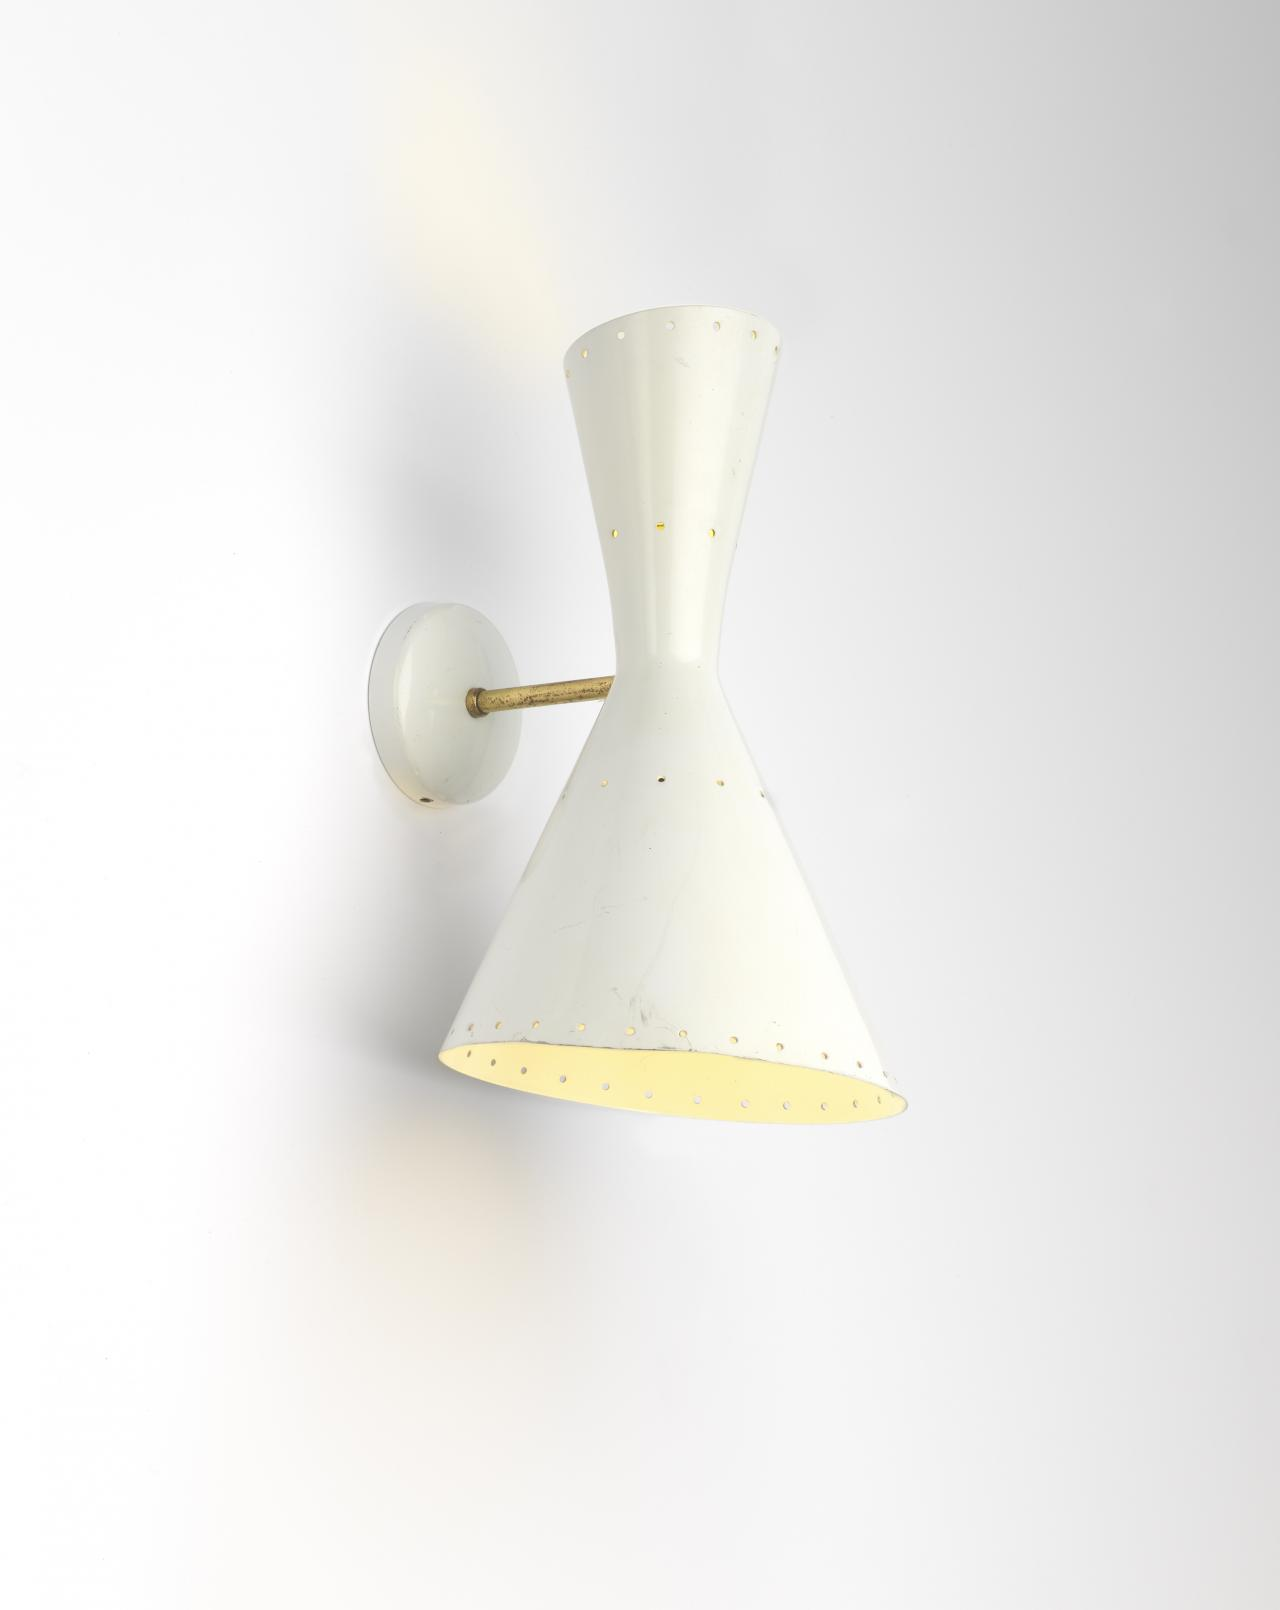 beco lamp don brown designer brown evans co melbourne